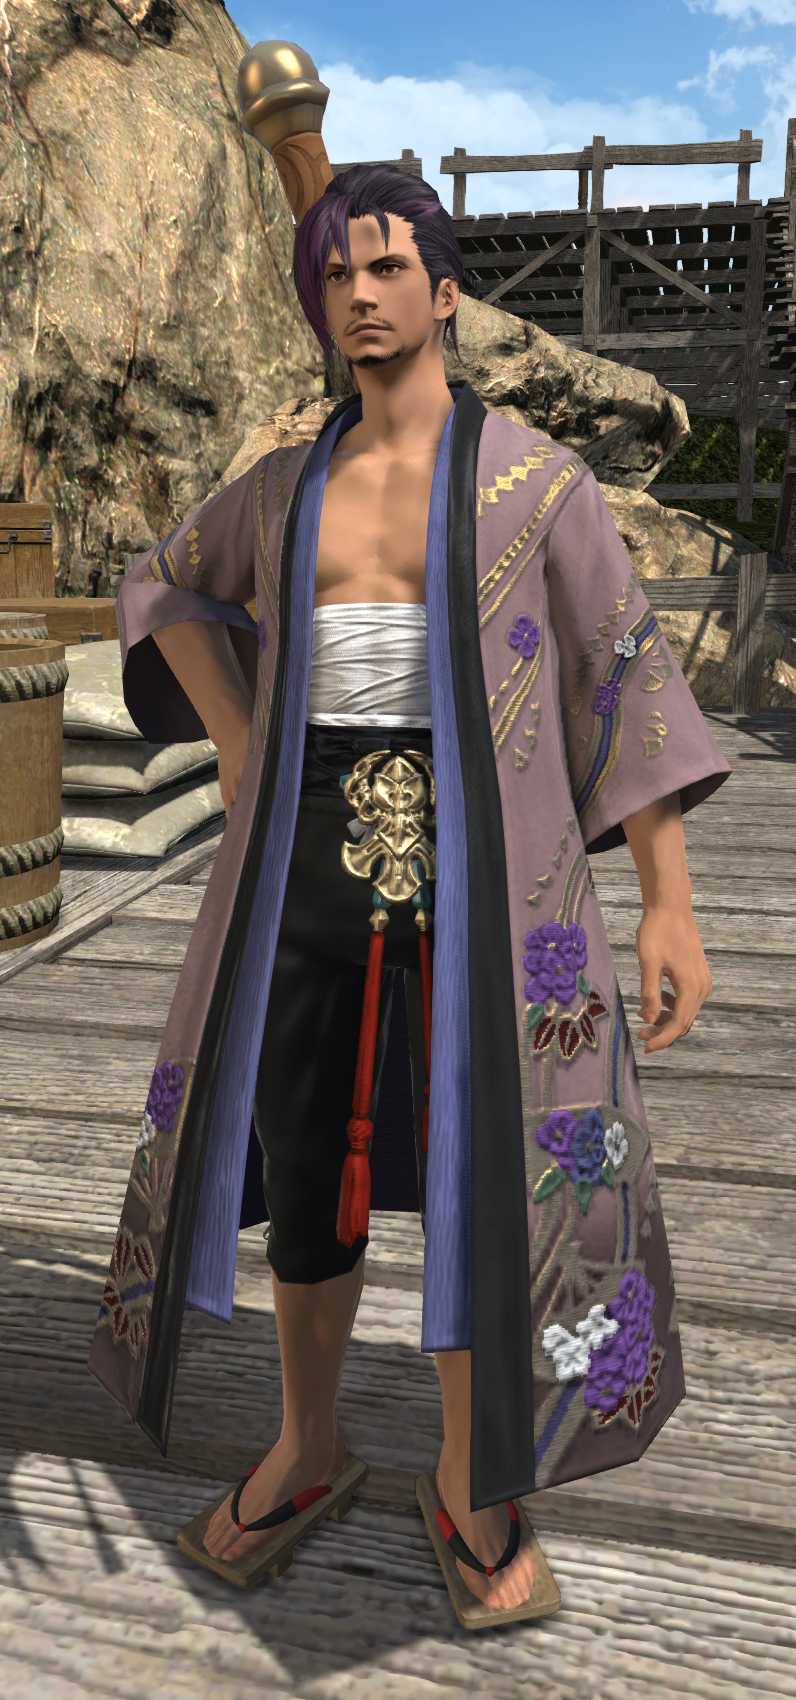 Tansui